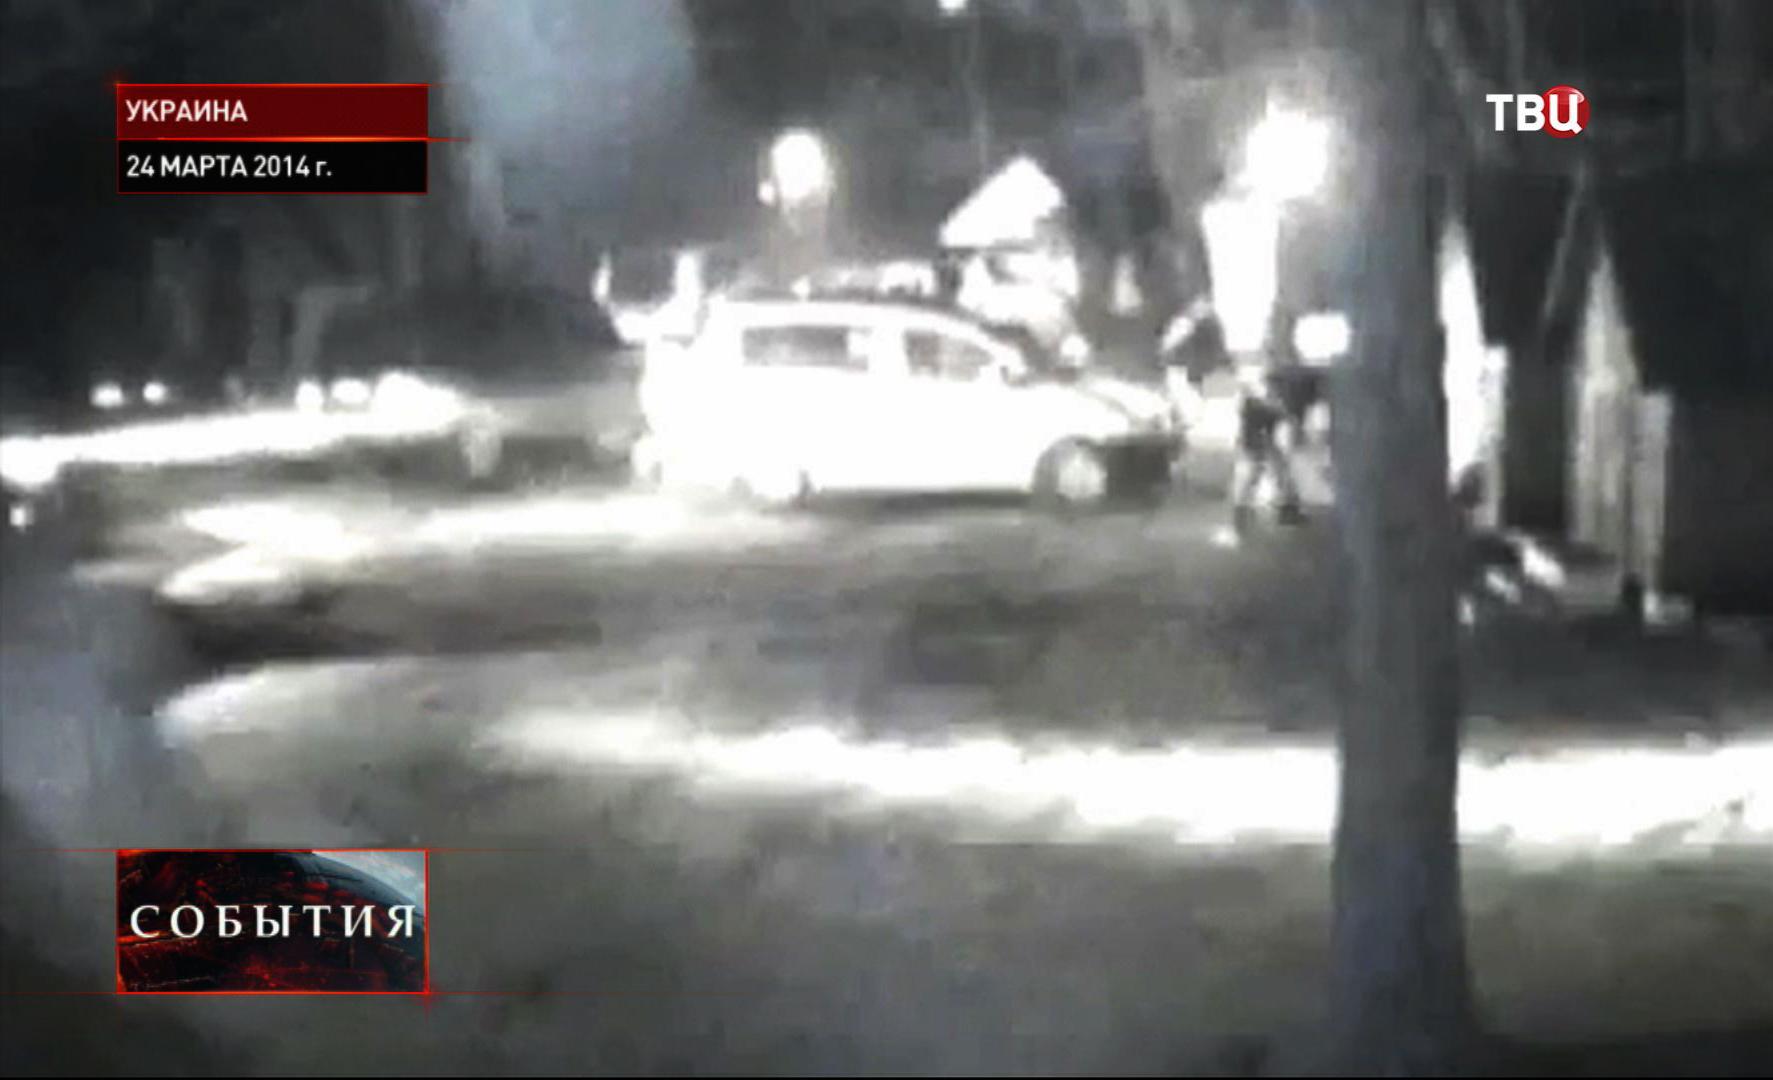 Кадр из съемки видеонаблюдения